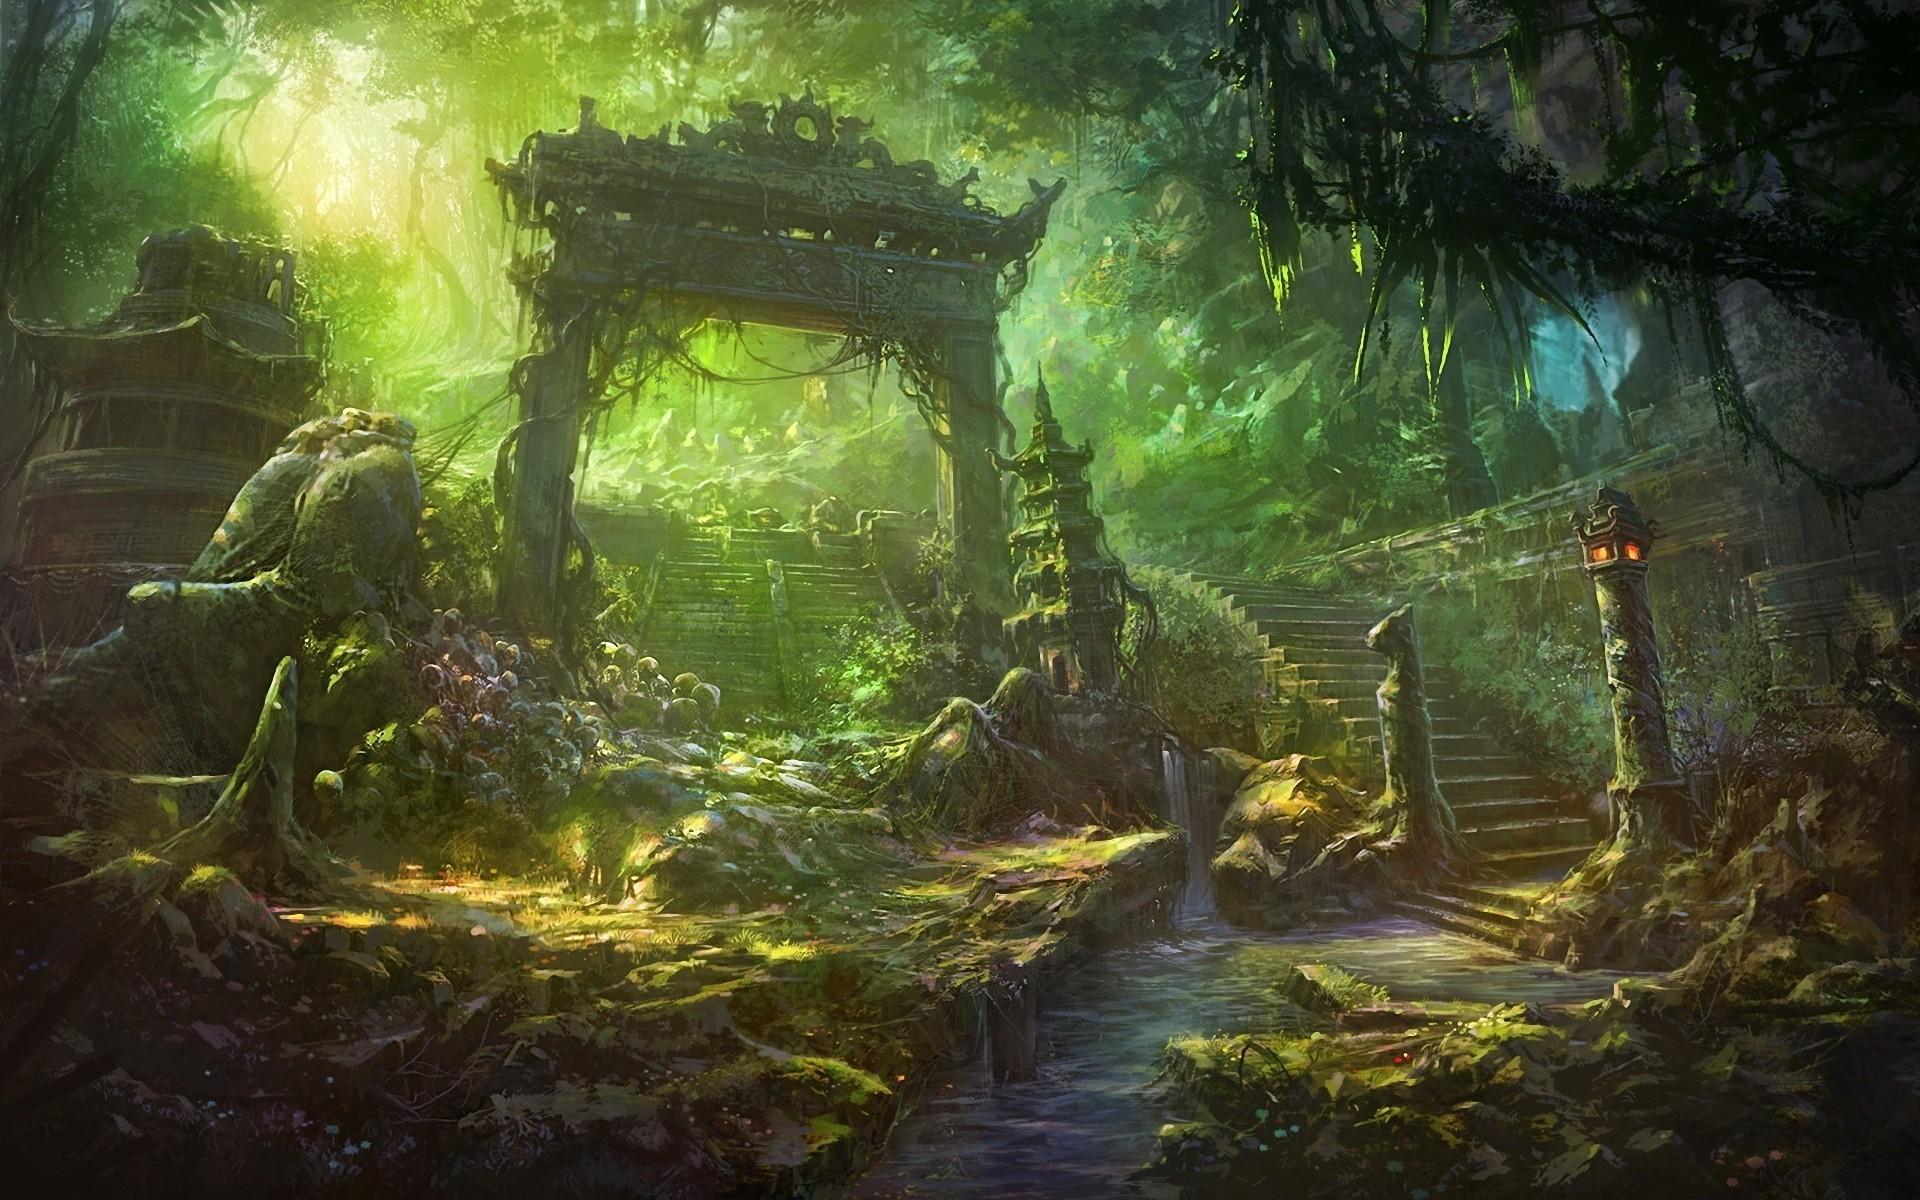 fantasy-forest-landscape-wallpaper-desktop.jpg (1920×1200)